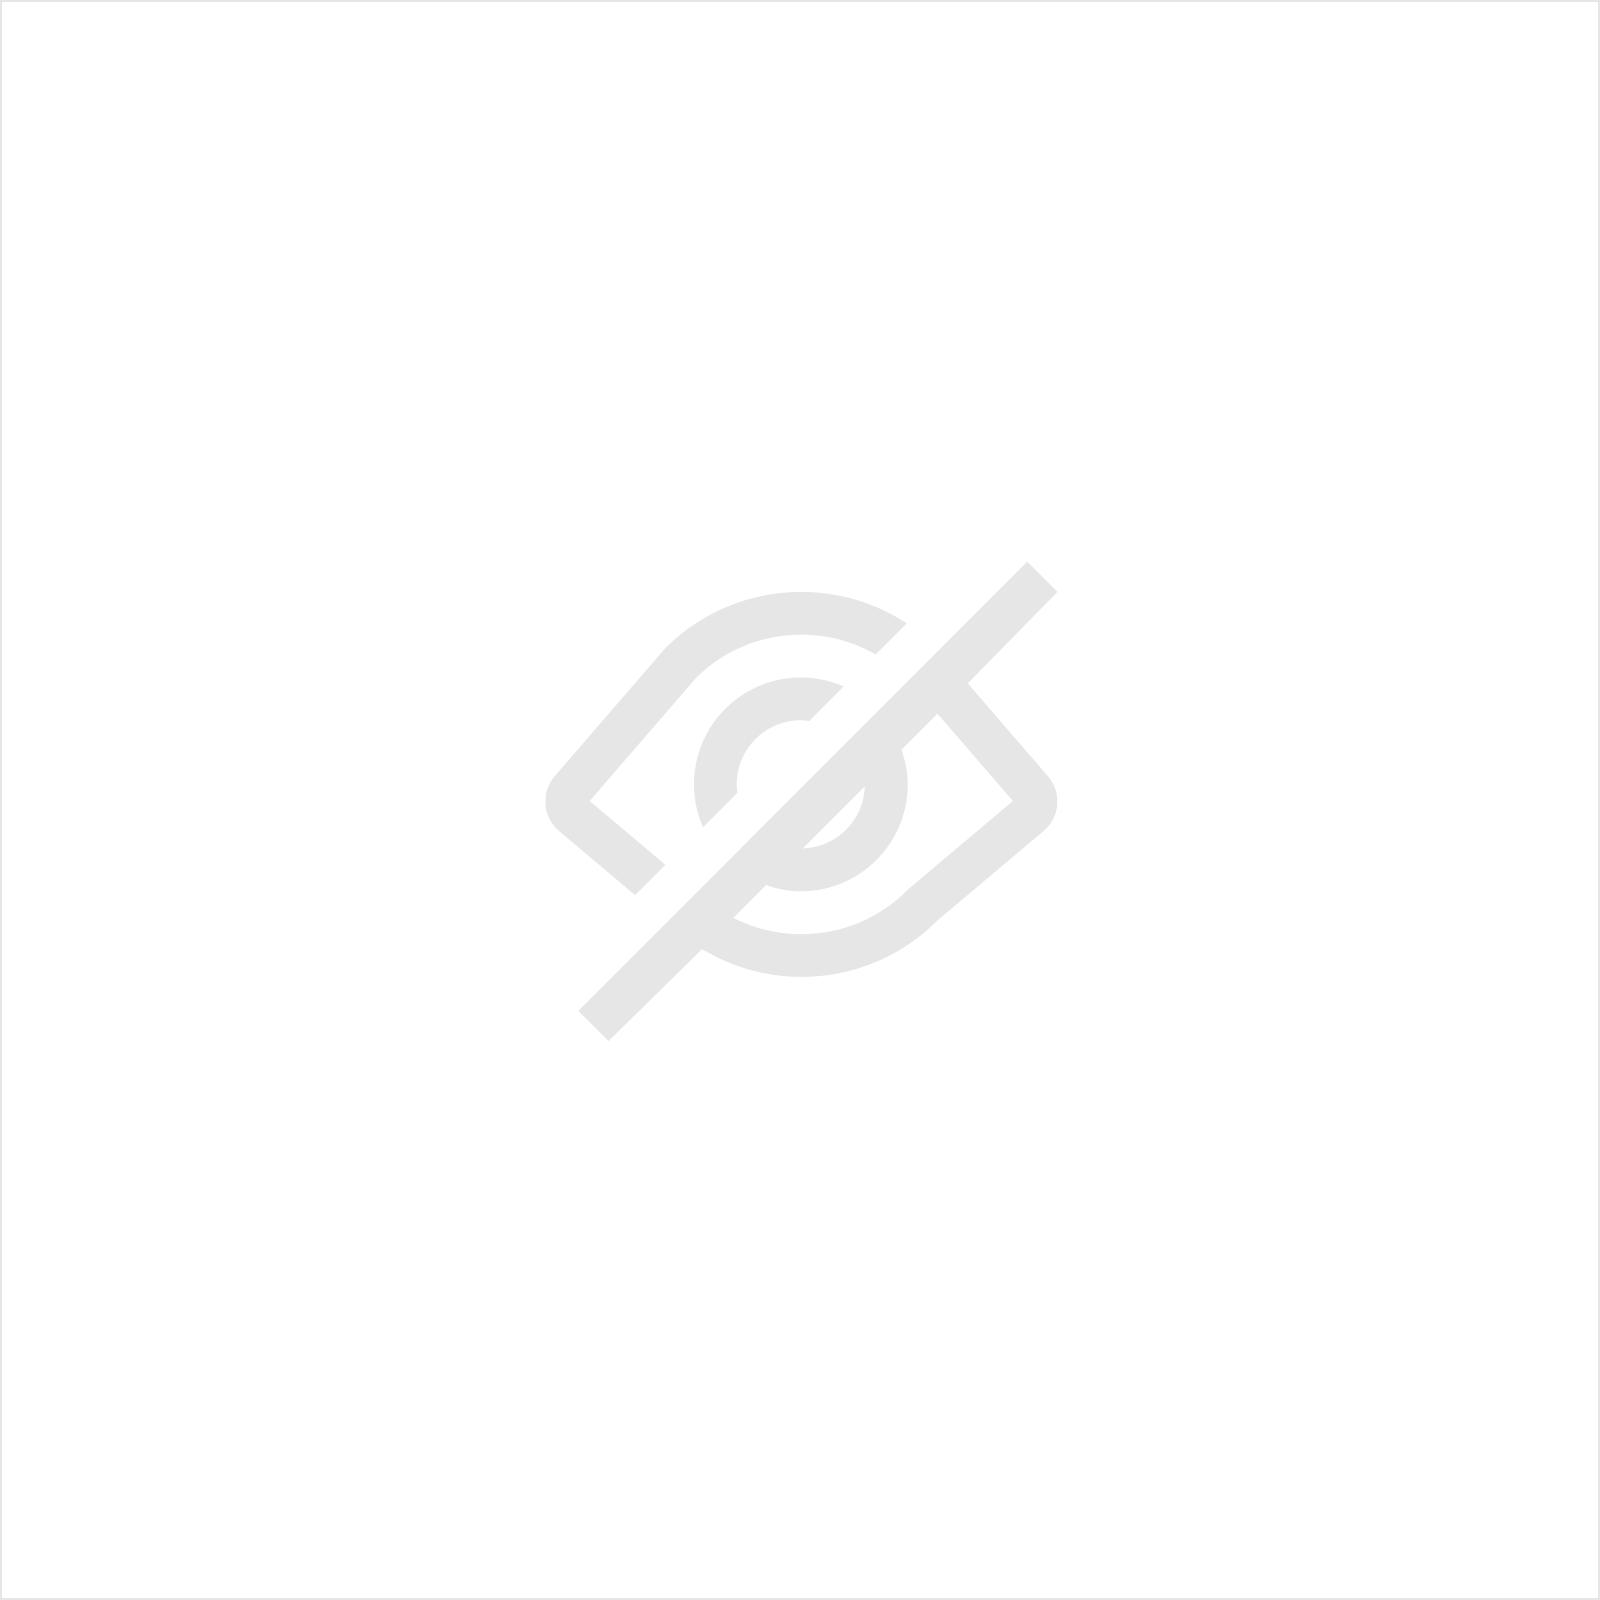 MOLETTES OPTIONELLE POUR BORDEUSE MOULUREUSE 24 MM